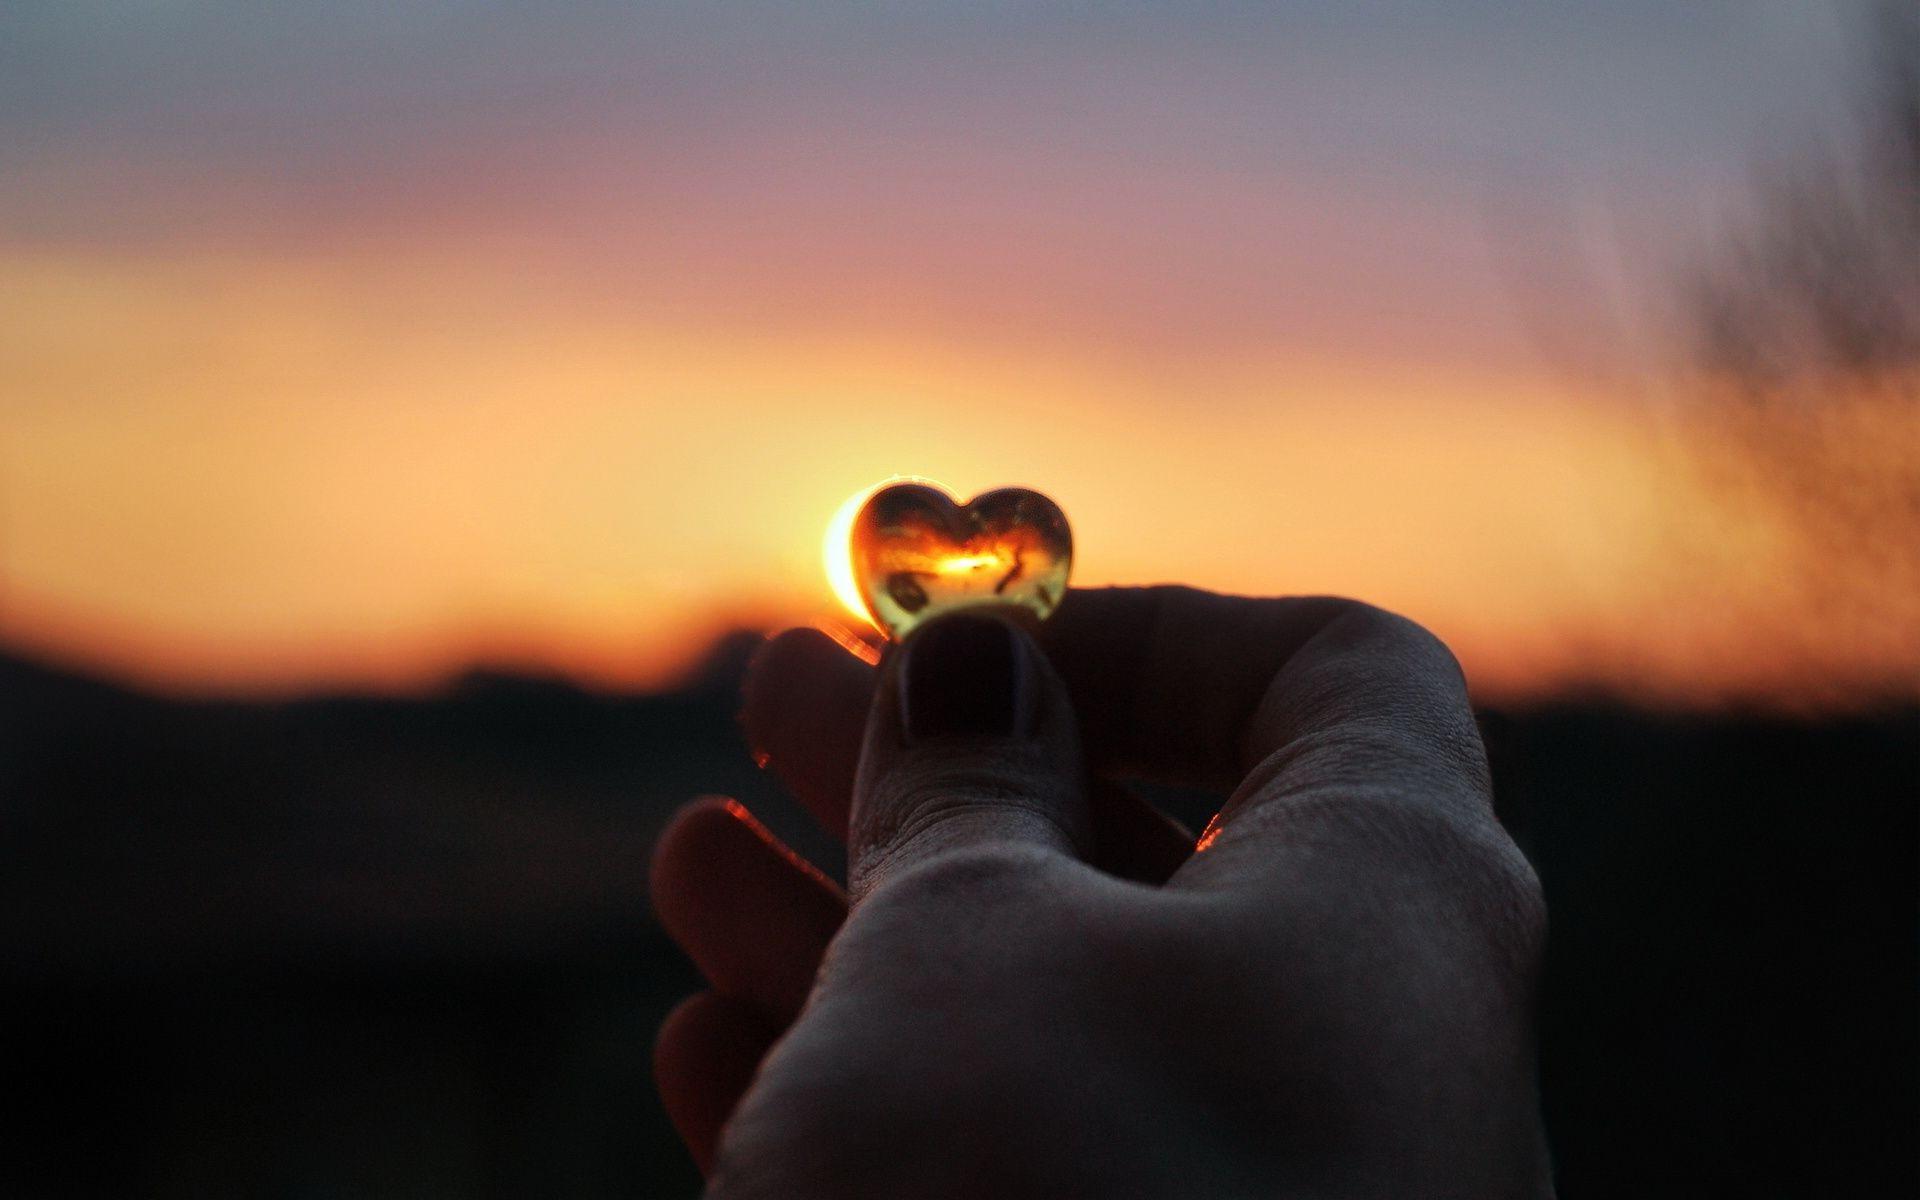 Картинки сердца любовь с надписями со смыслом